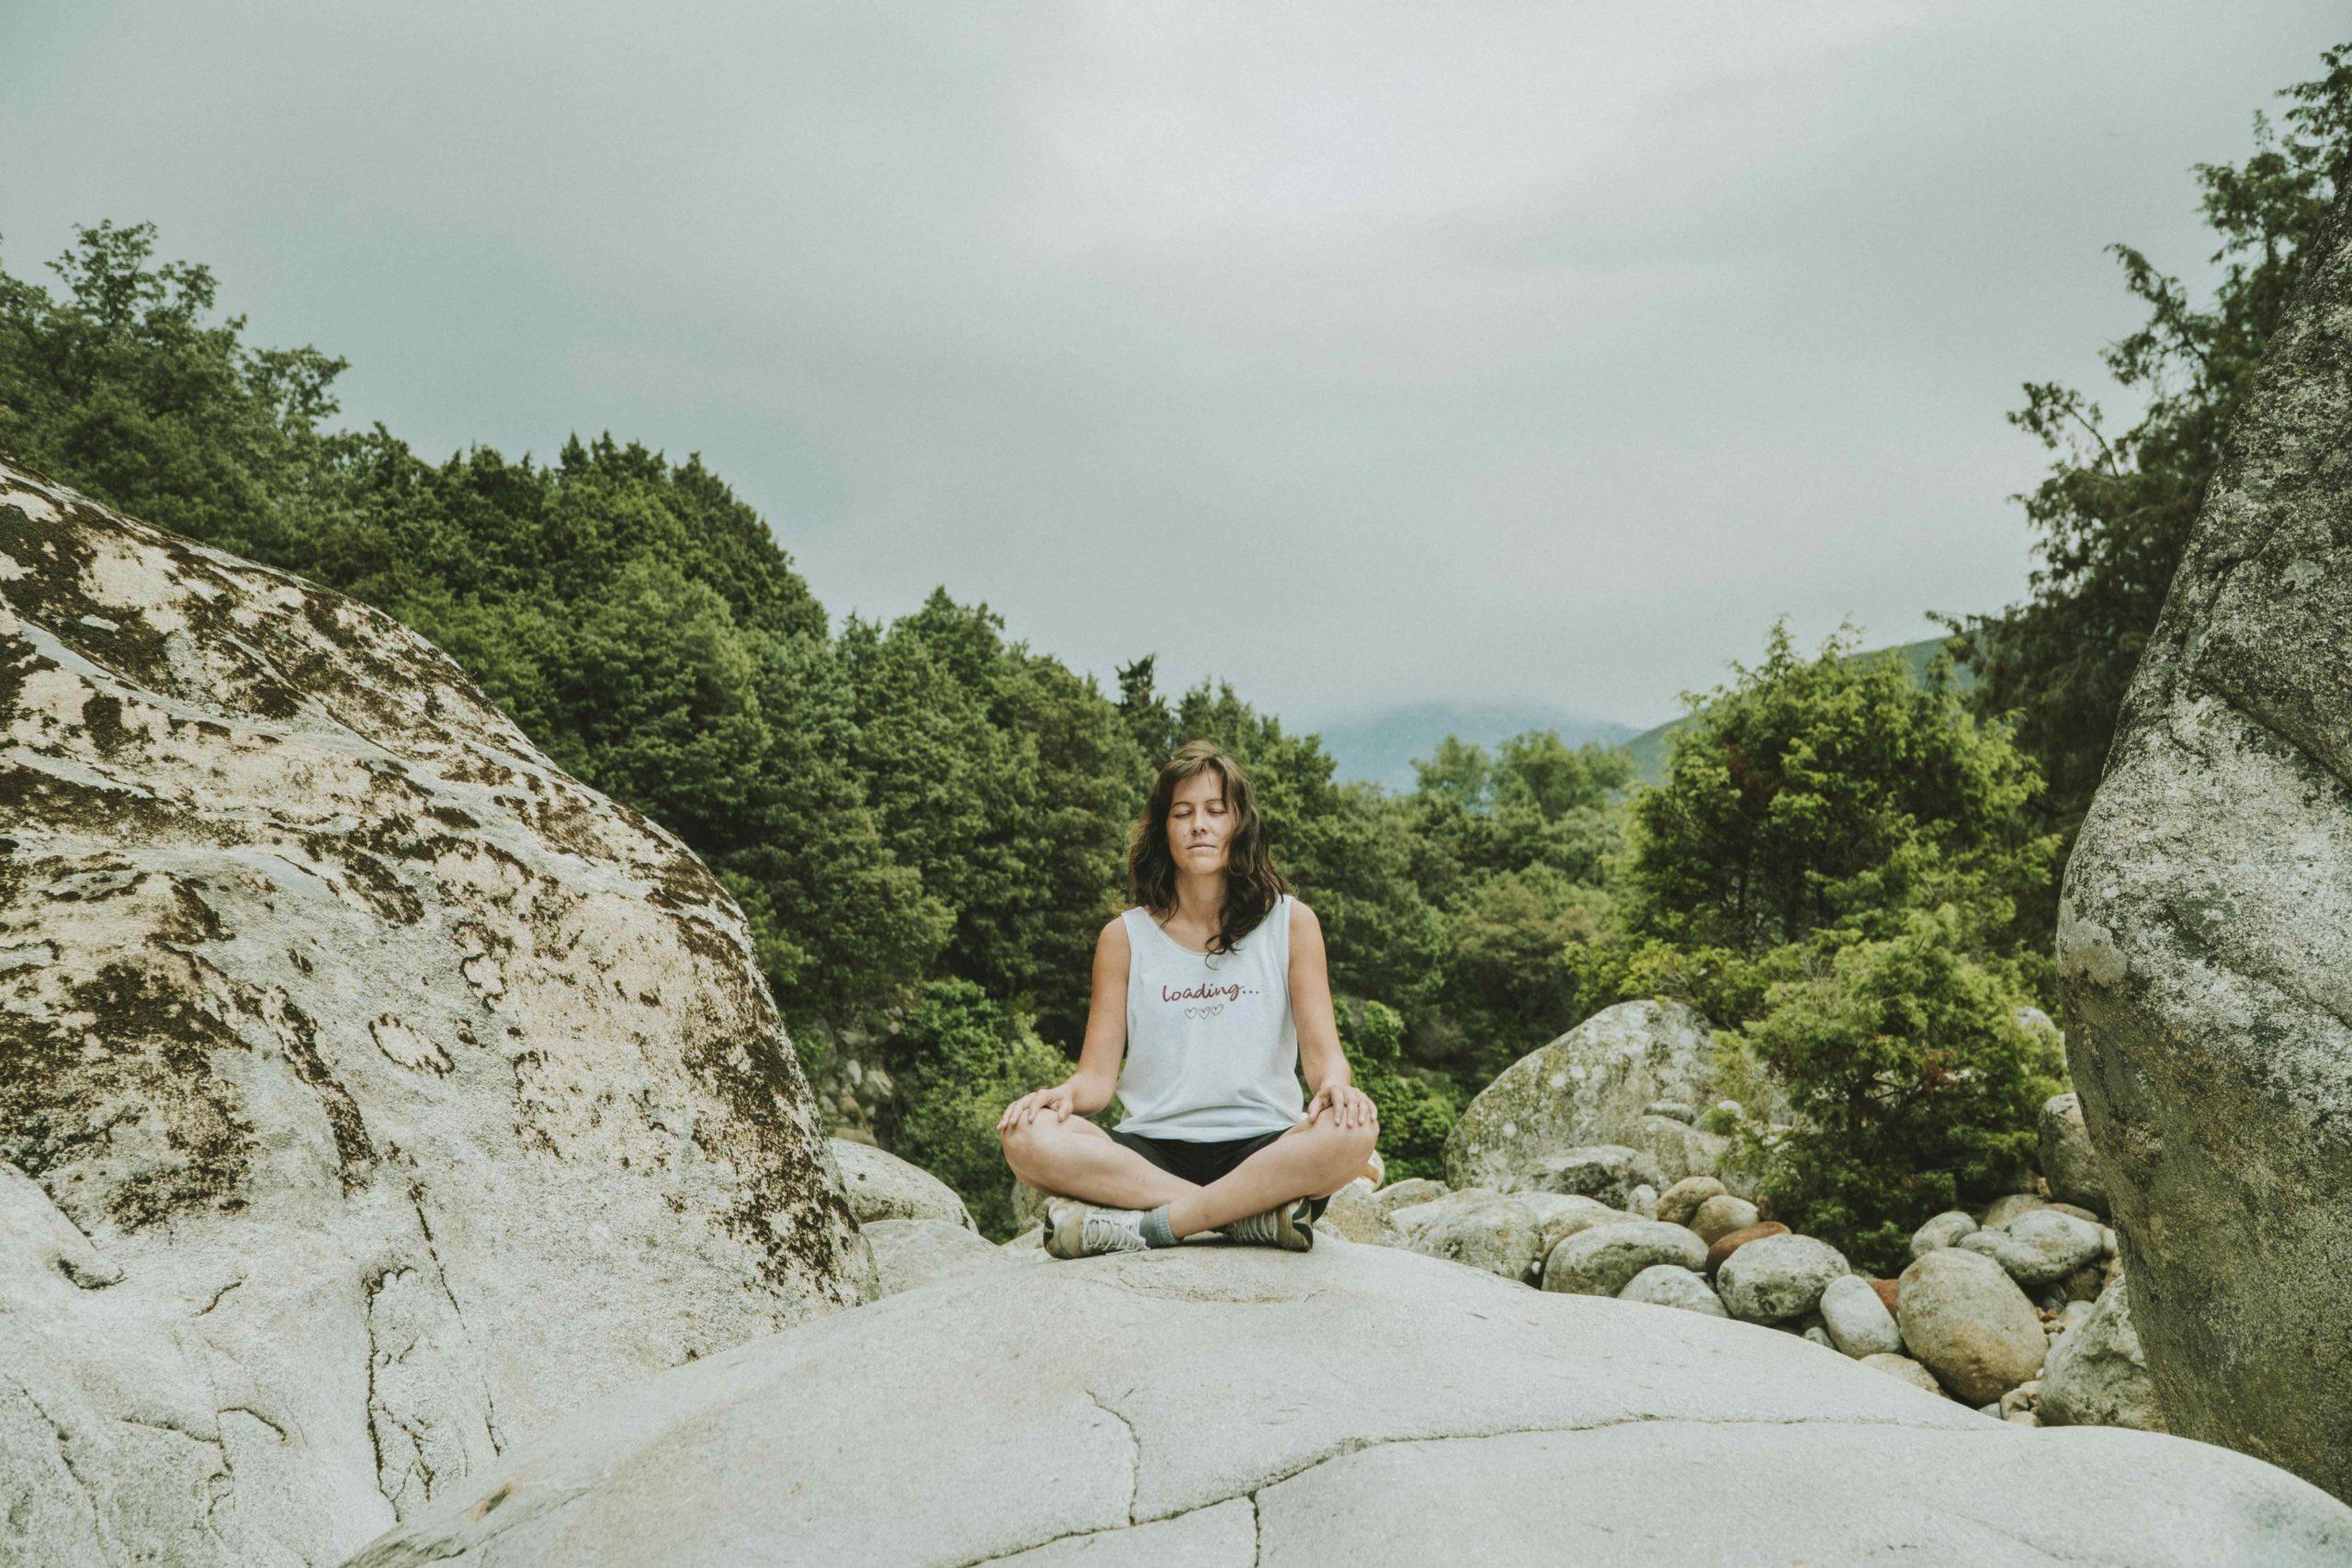 Medita en la naturaleza